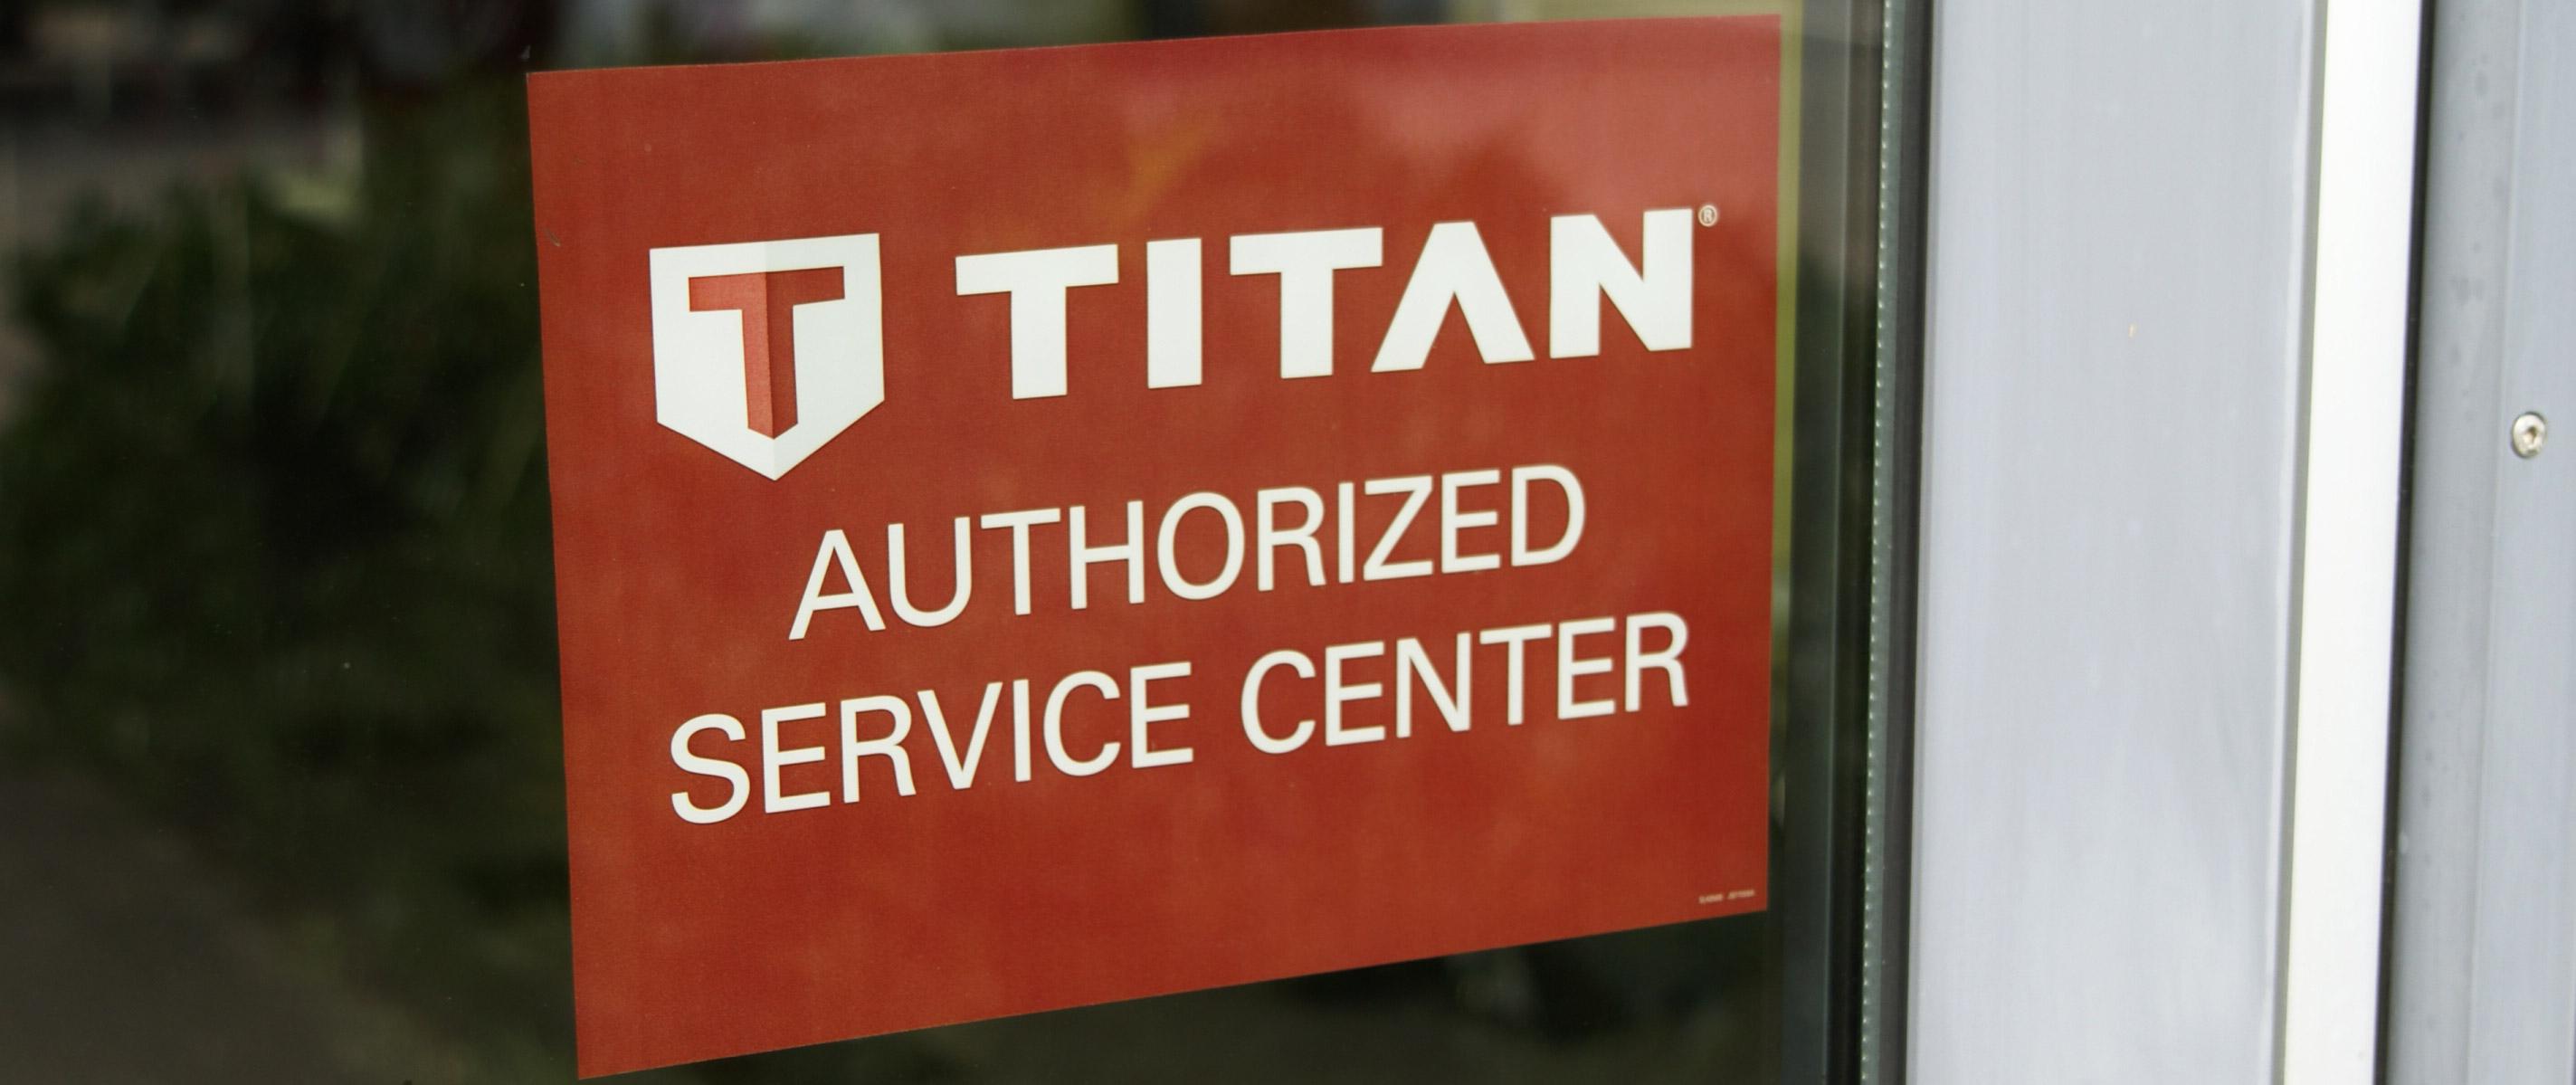 Linz GmbH Service-Zentrum Titan